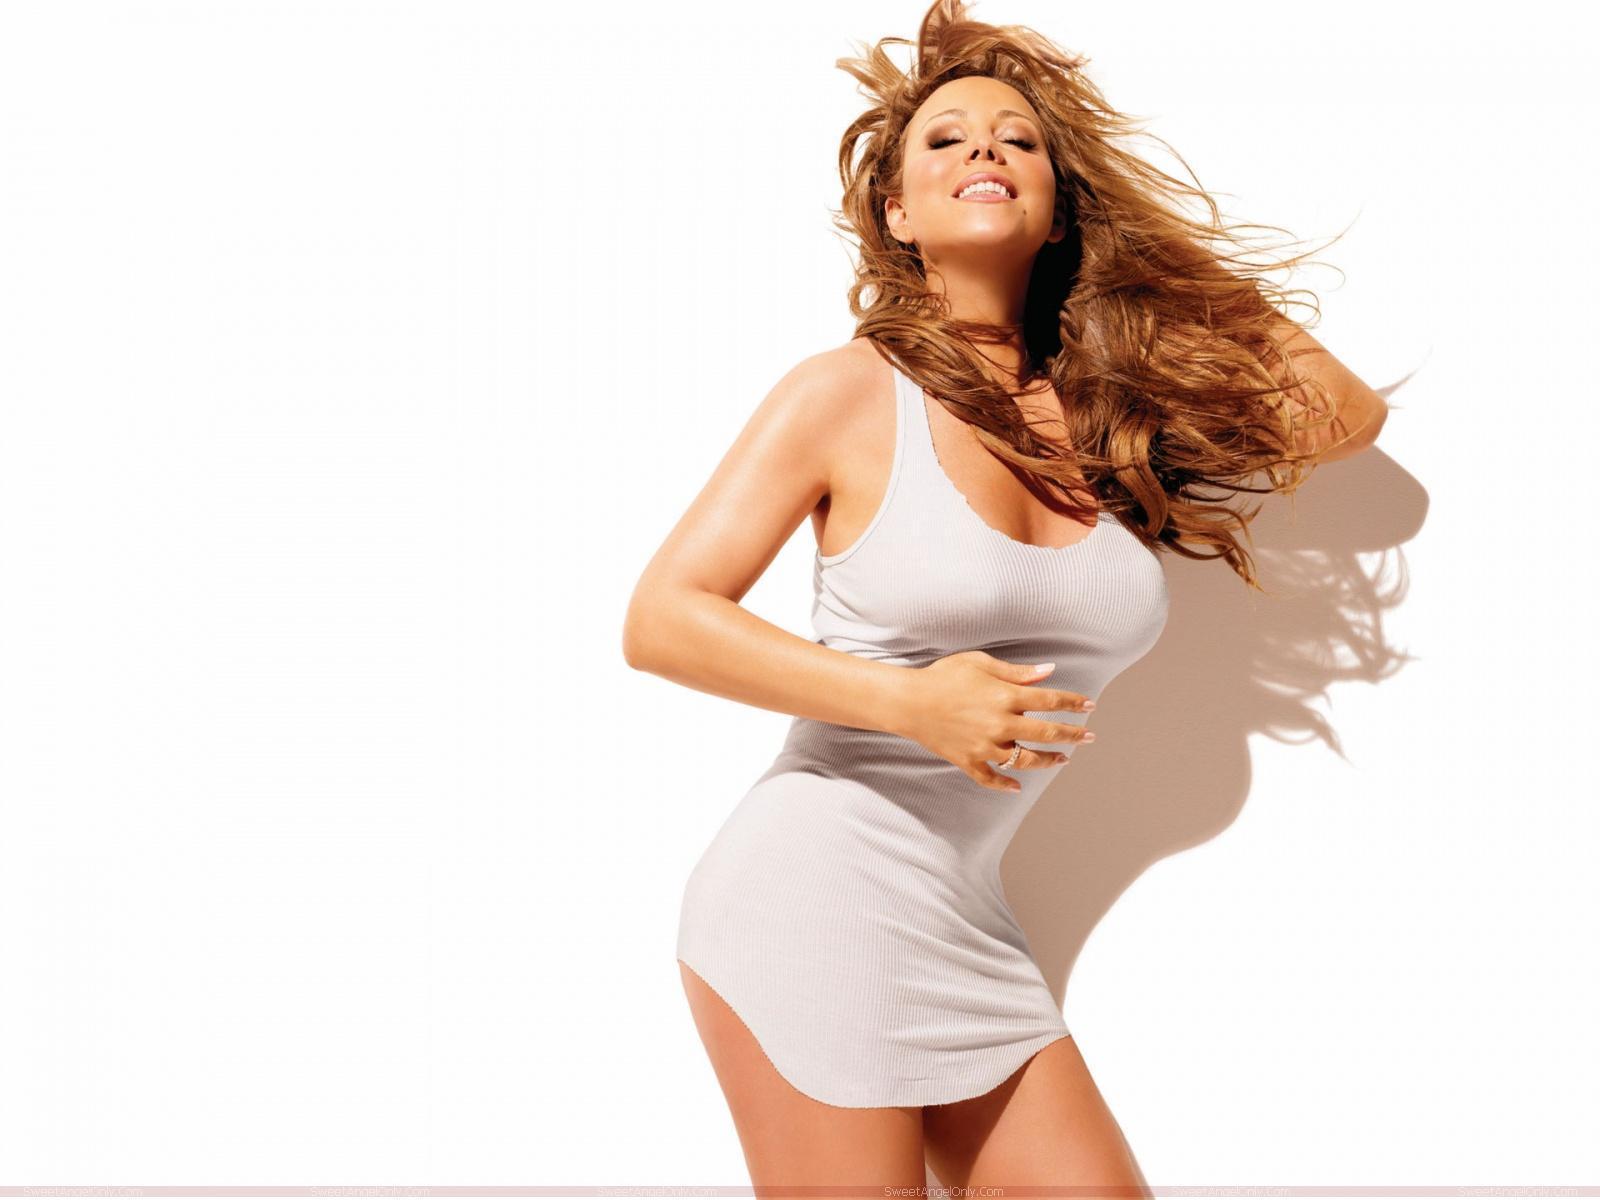 Mariah Carey hot pics images ohotos